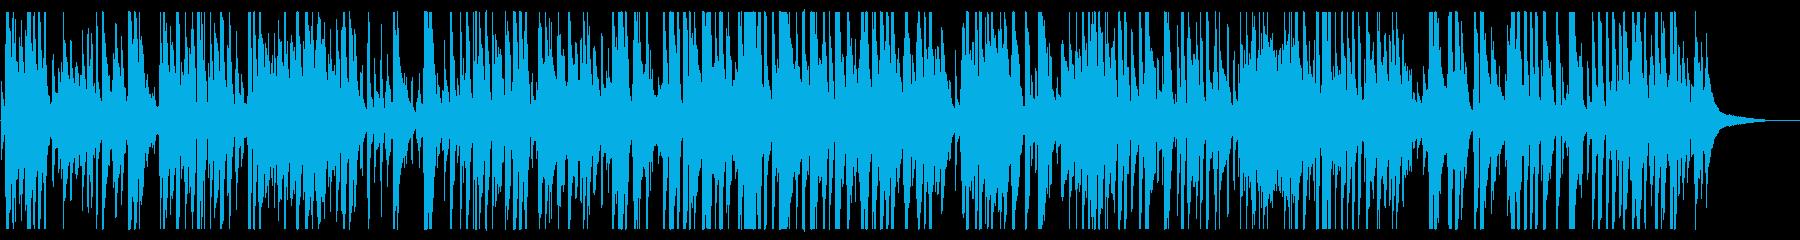 生演奏おしゃれジャズピアノBGMの再生済みの波形